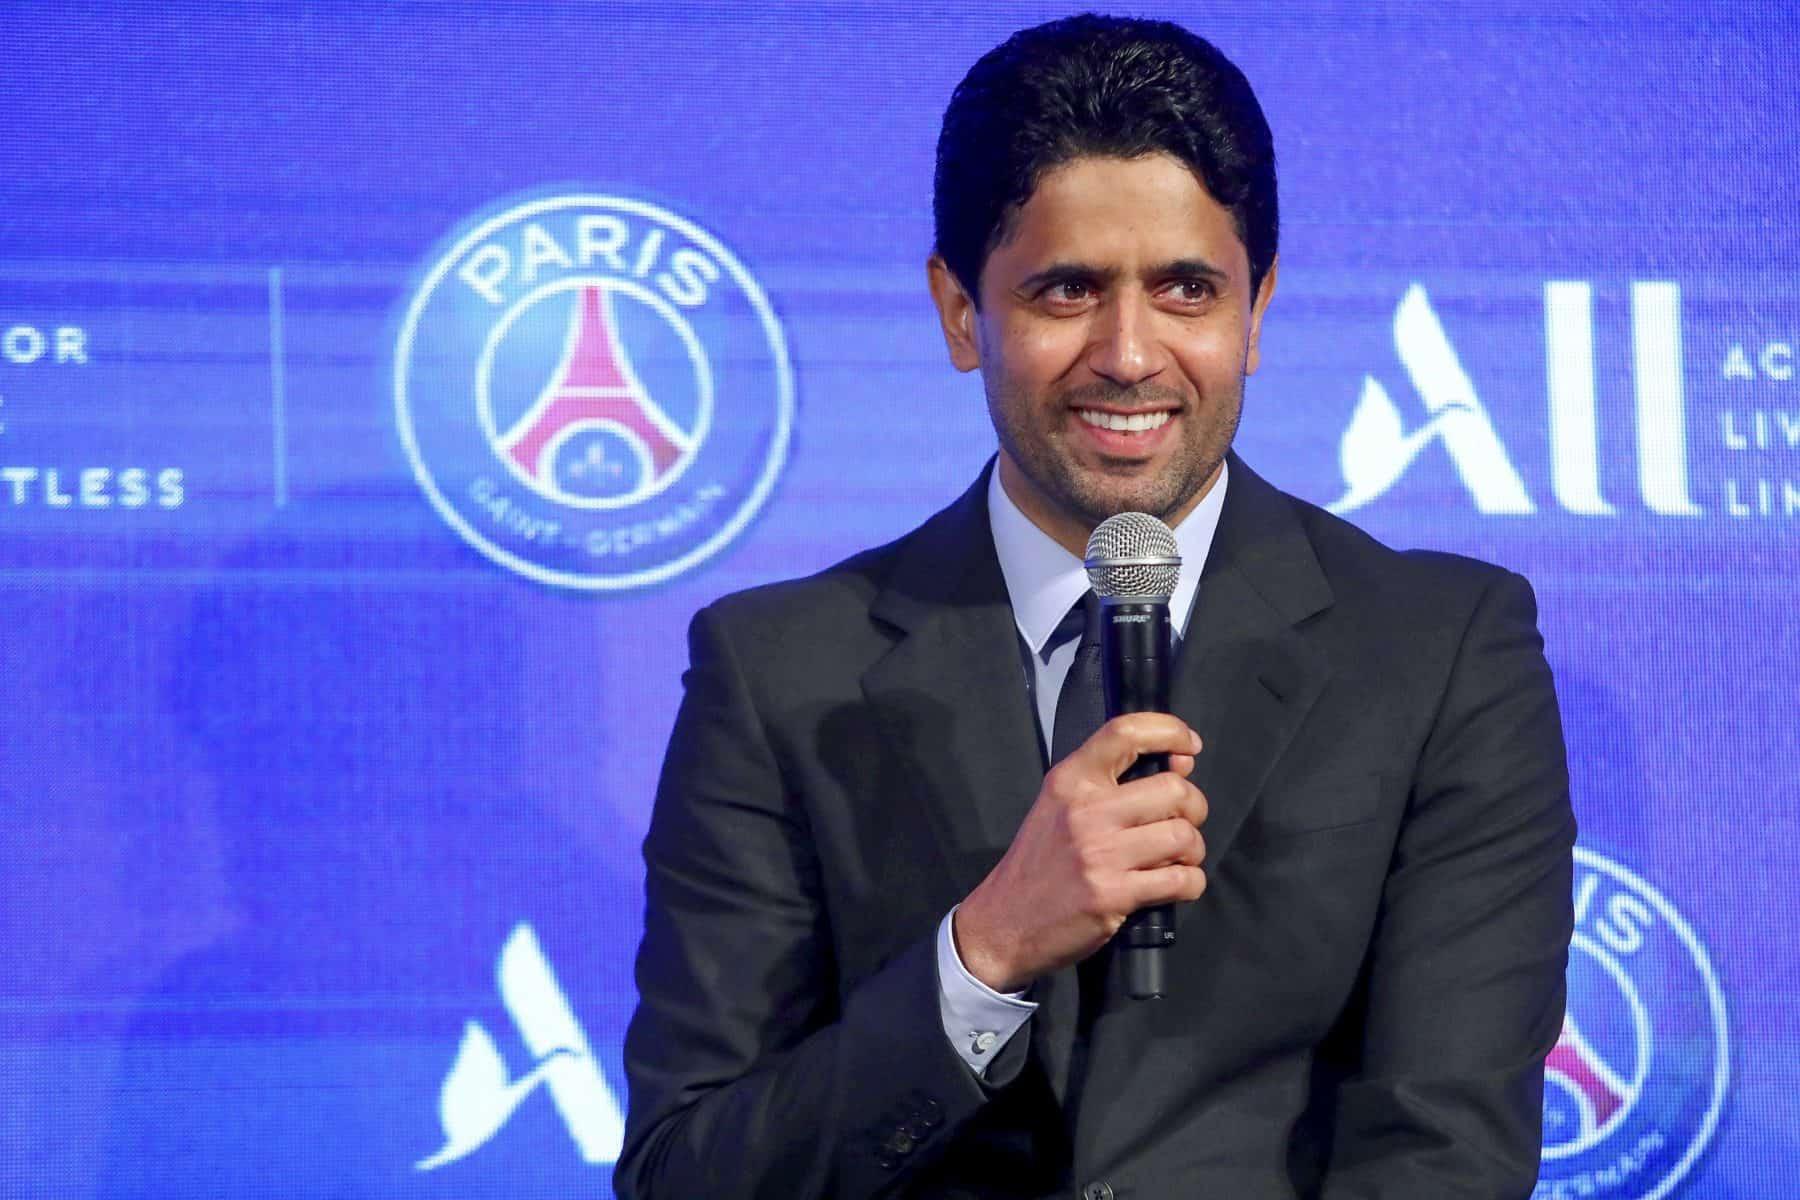 Le collège de Ligue 1 entame des procédures judiciaires contre BeIN Sports?